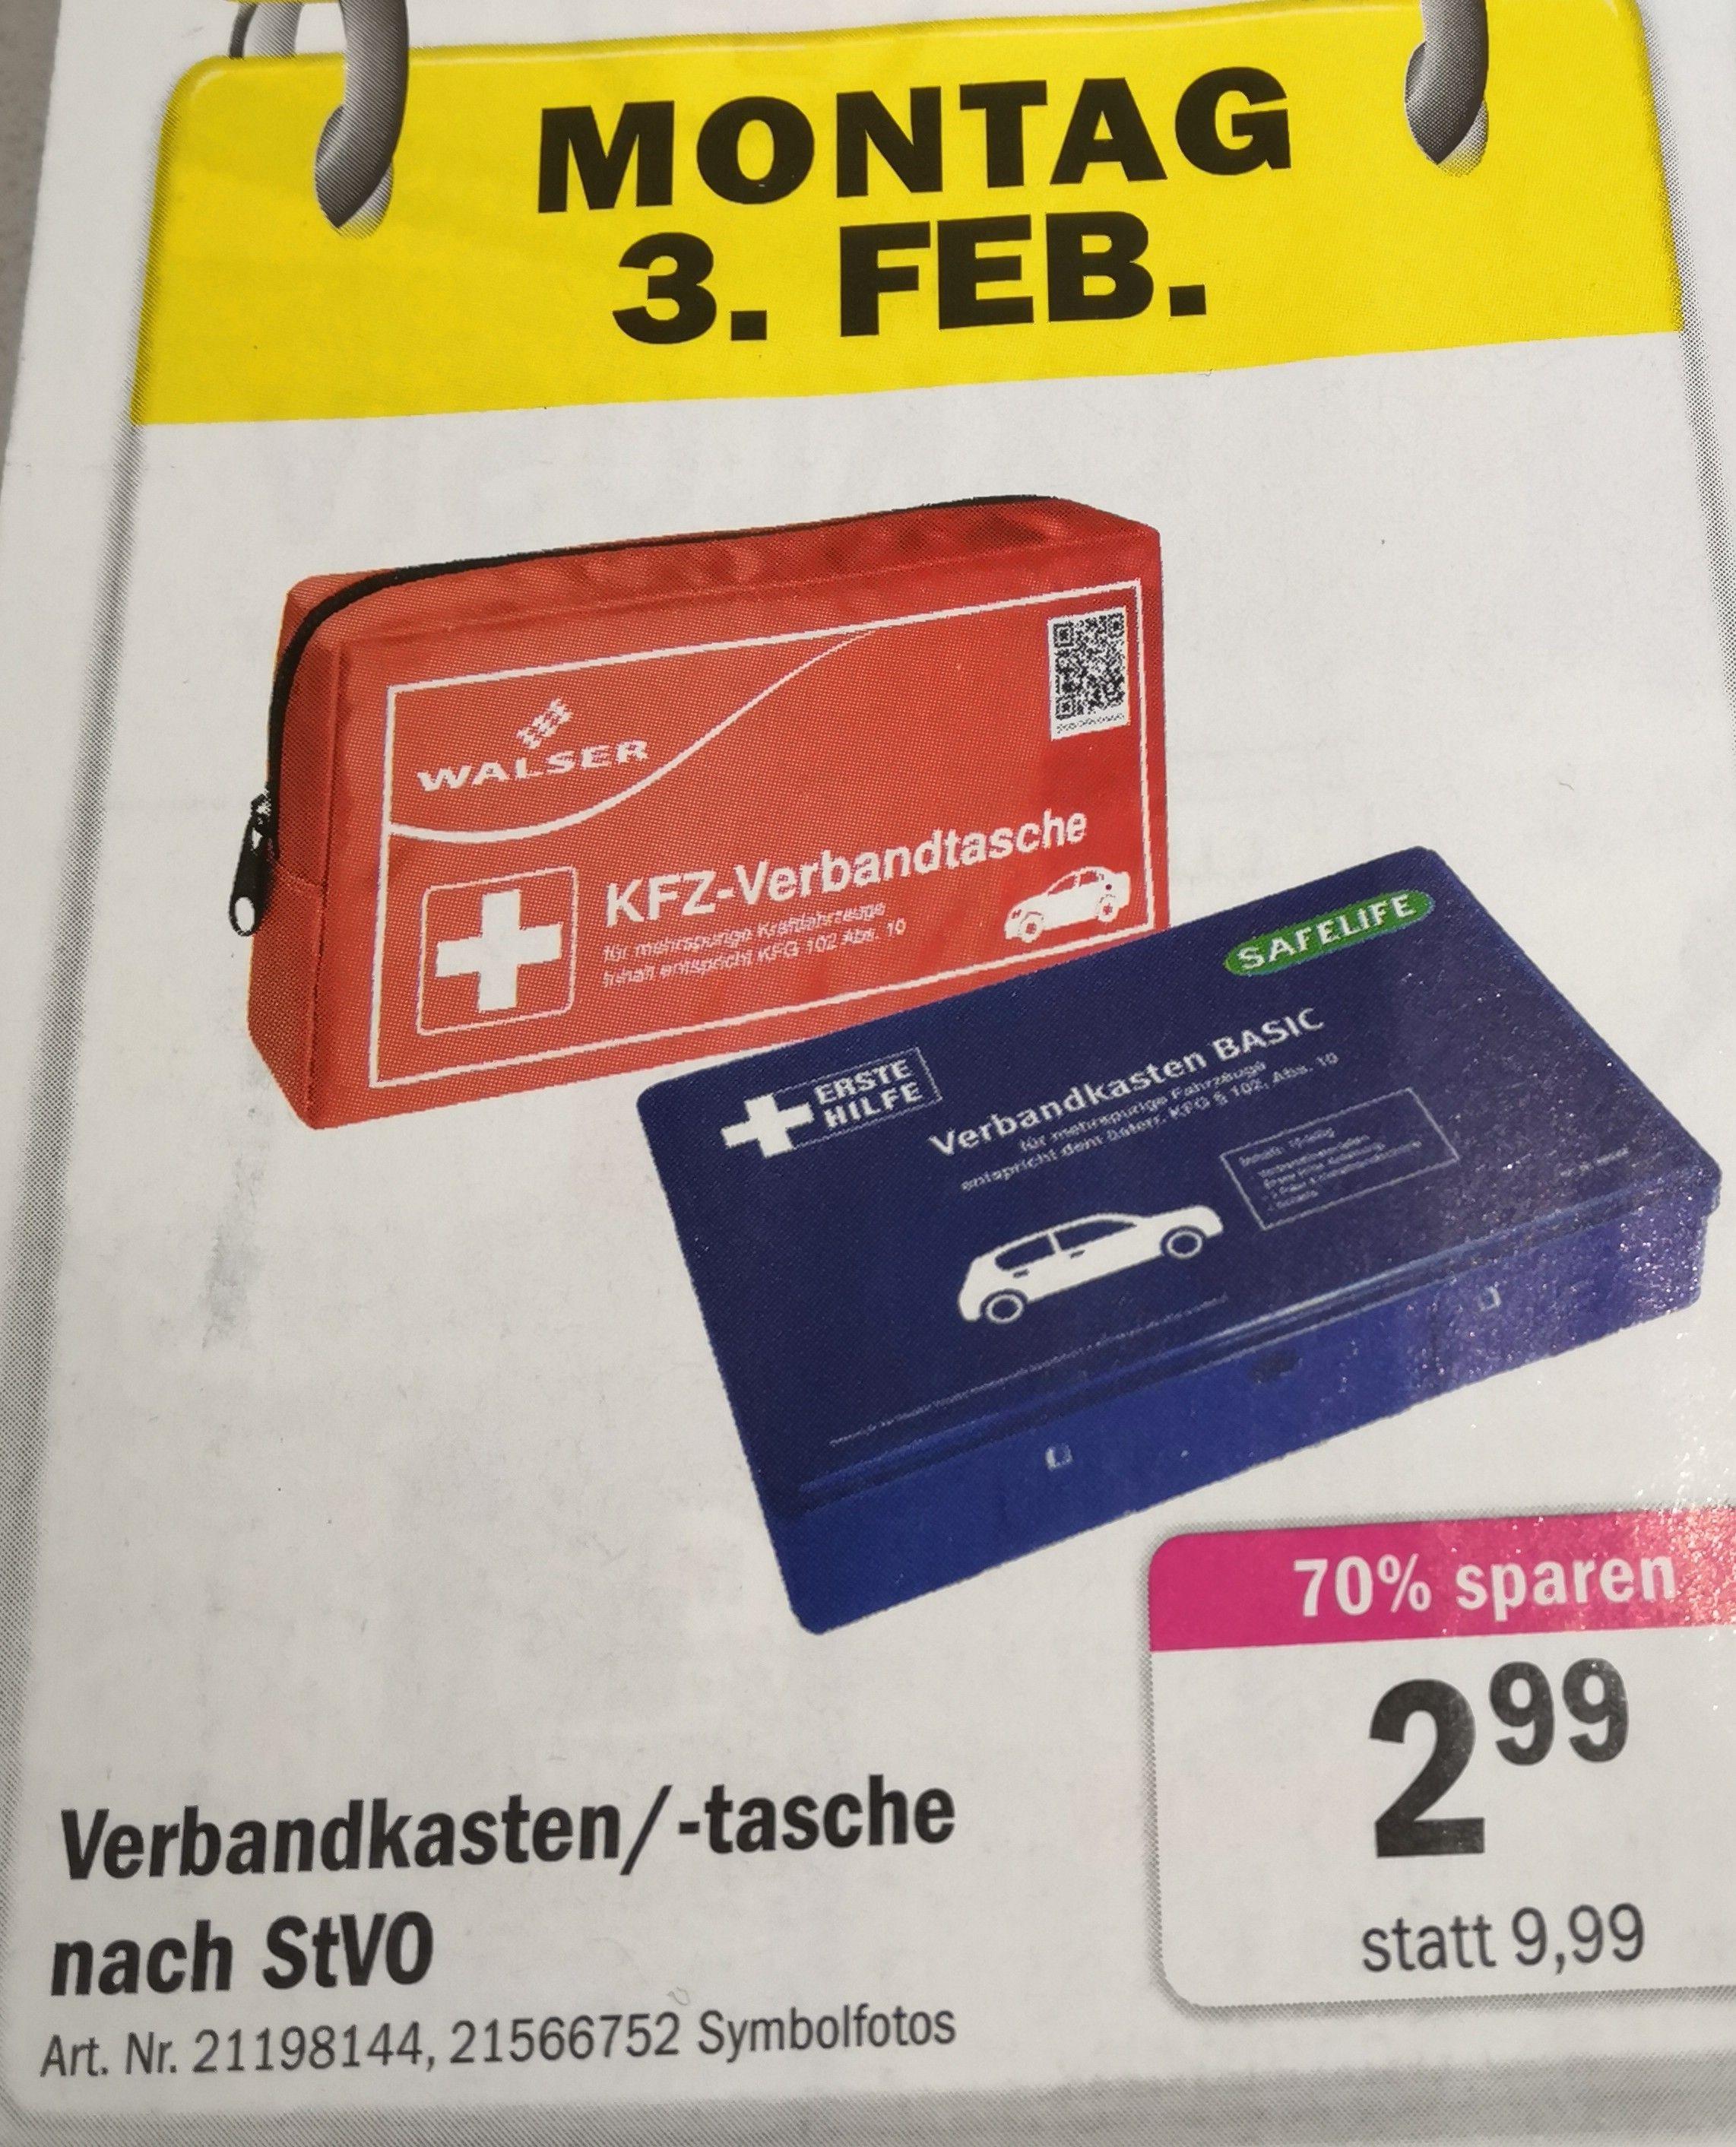 Forstinger: Walser KFZ-Verbandtasche nach Stvo (nur am 3.2.)